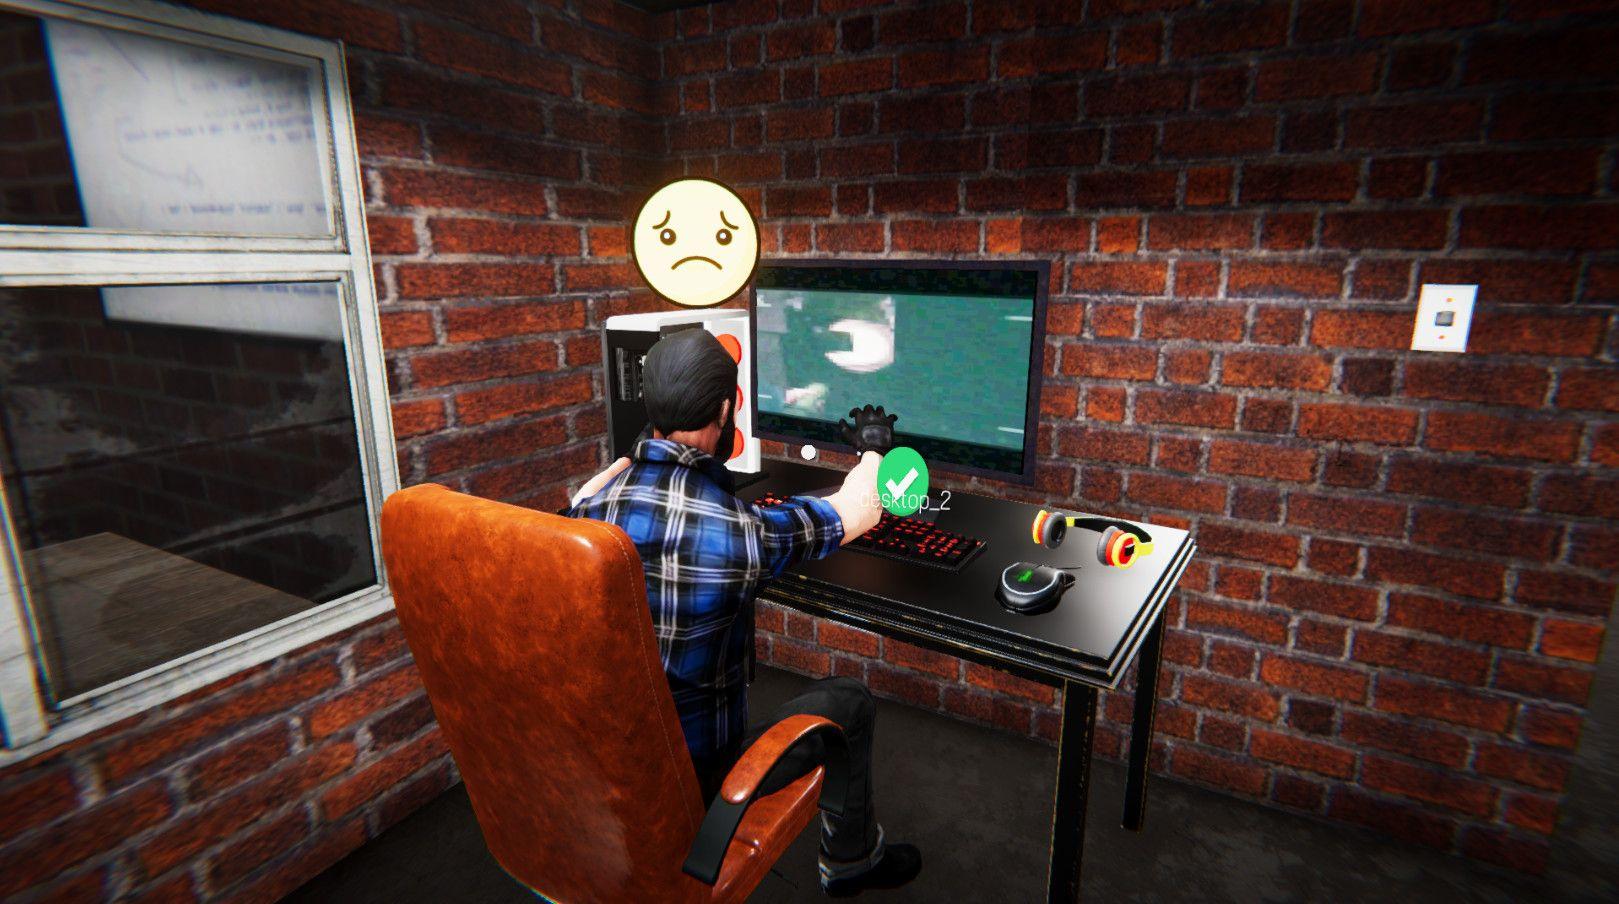 网吧老板模拟器游戏中文手机版下载 v1.4截图